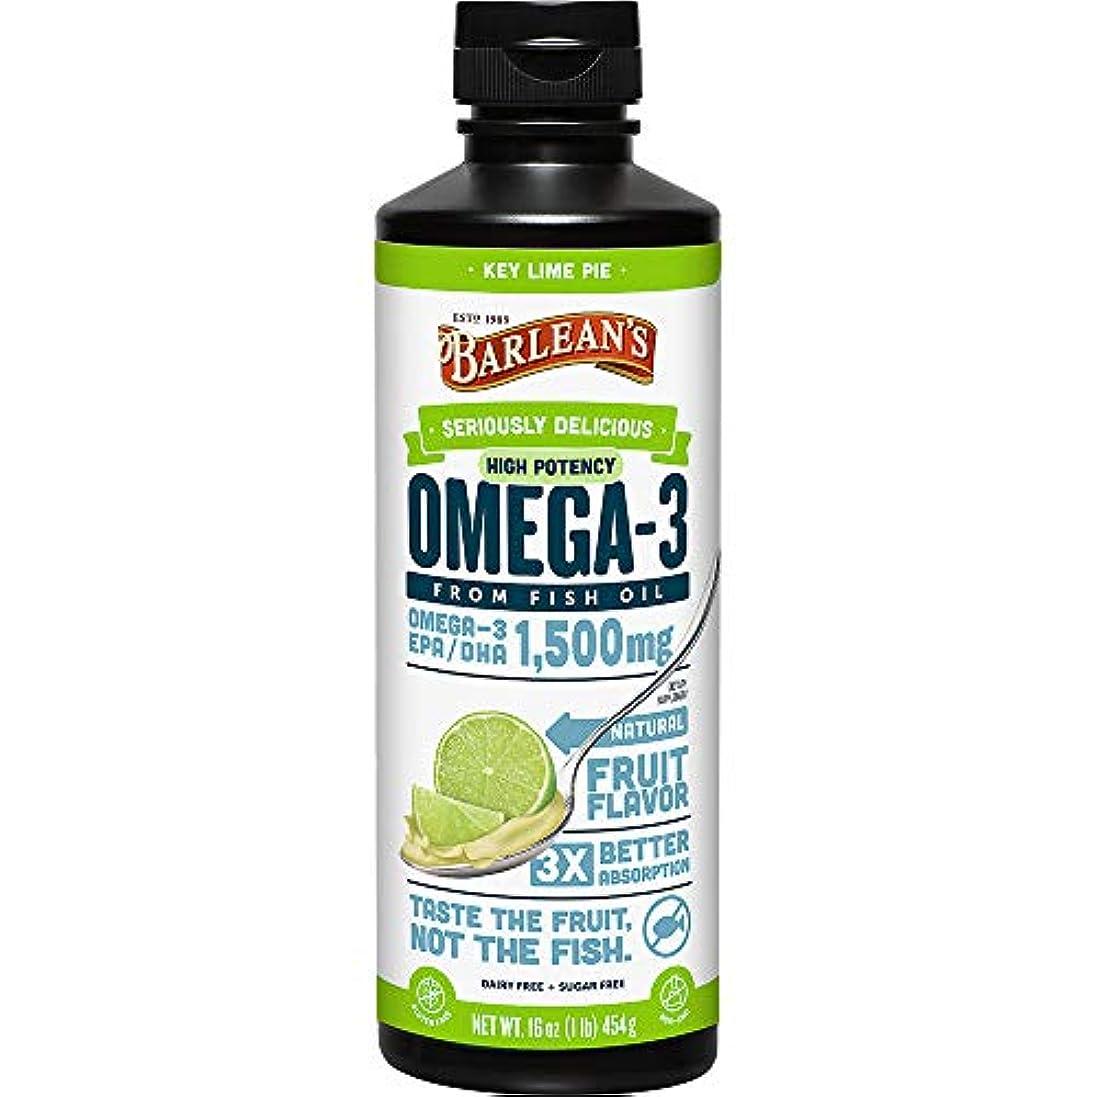 副産物不忠ちなみにBarlean's - Omegaの渦巻の魚オイルの超高い潜在的能力Key石灰 1500 mg。16ポンド